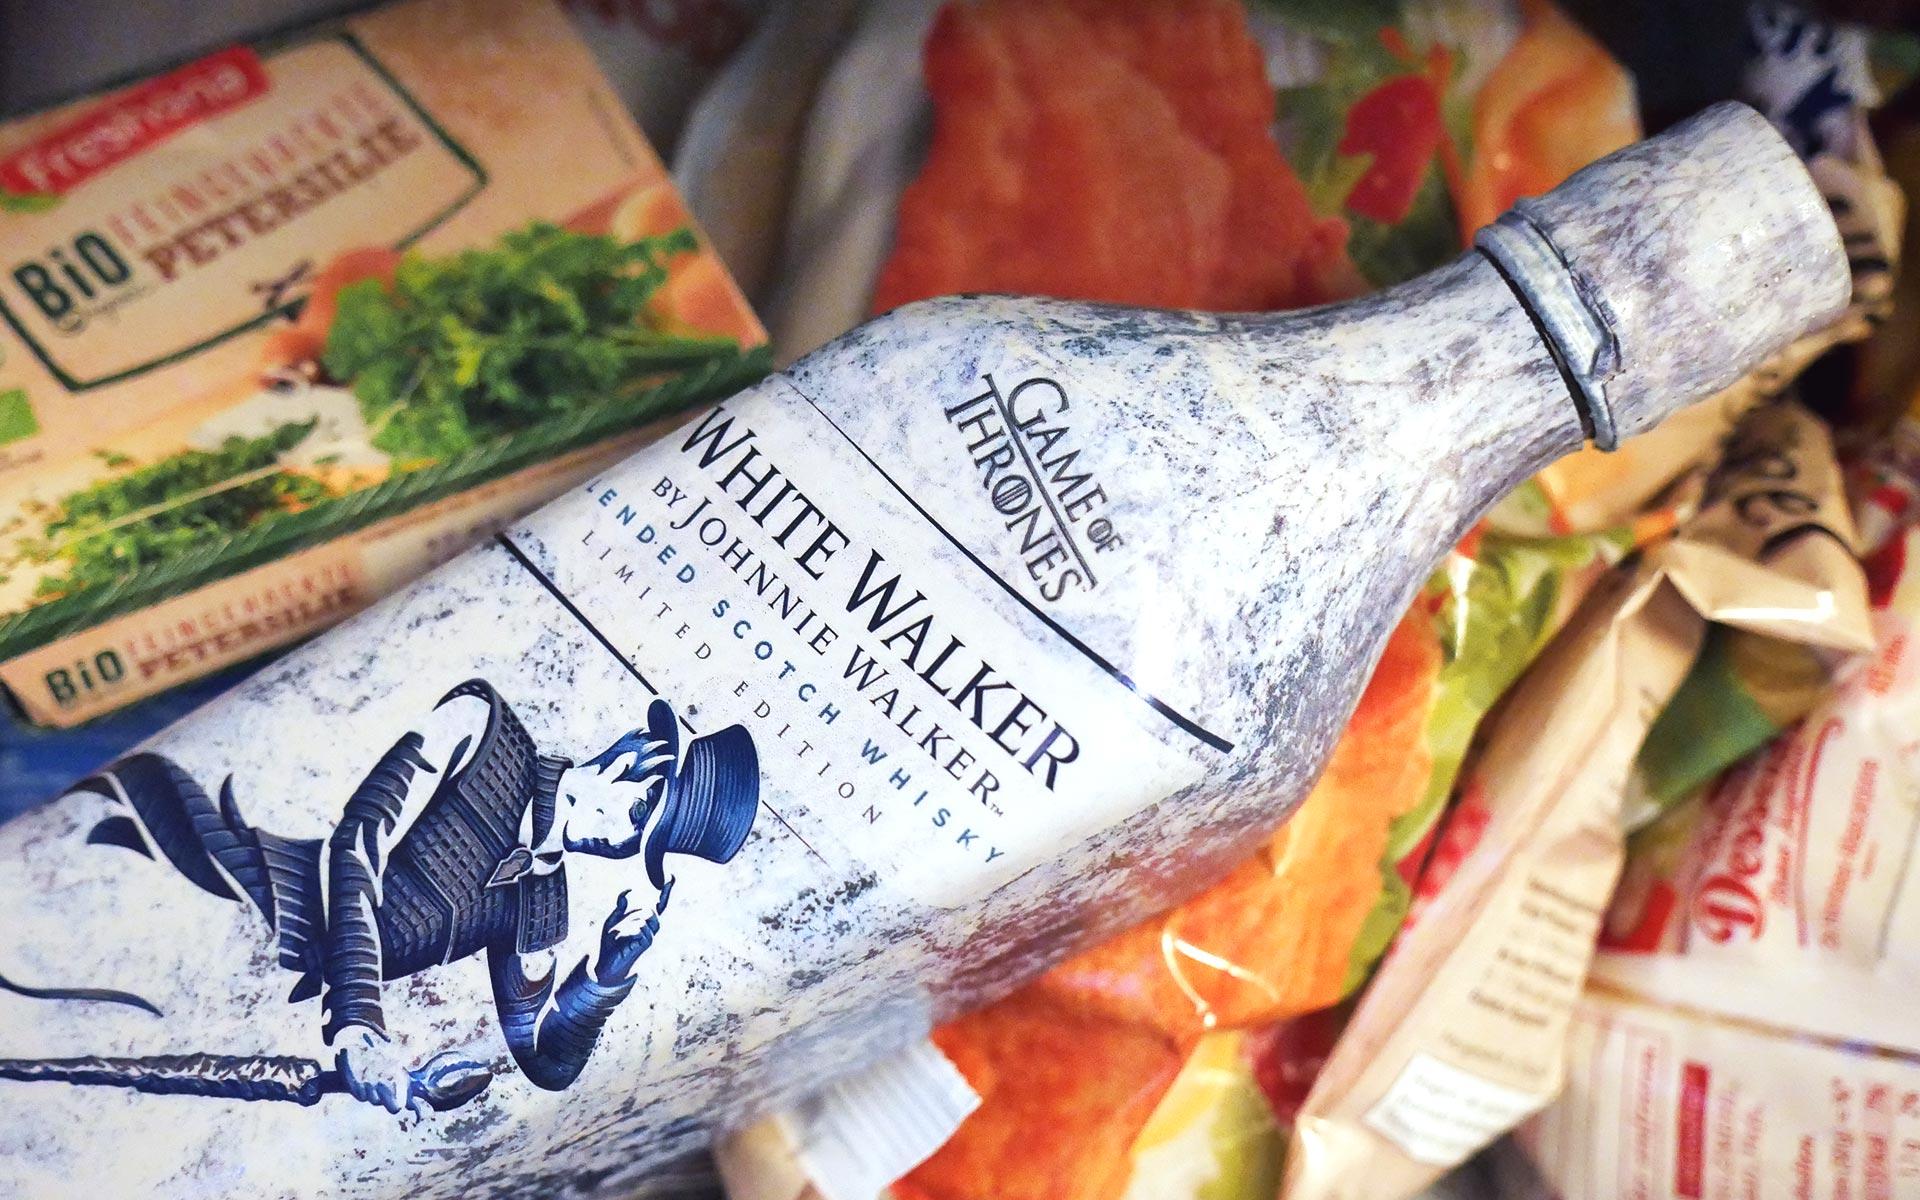 Zwischen Petersilie und TK-Schnitzel fühlt sich der White Walker laut Hersteller am wohlsten... (Foto: Malt Whisky)